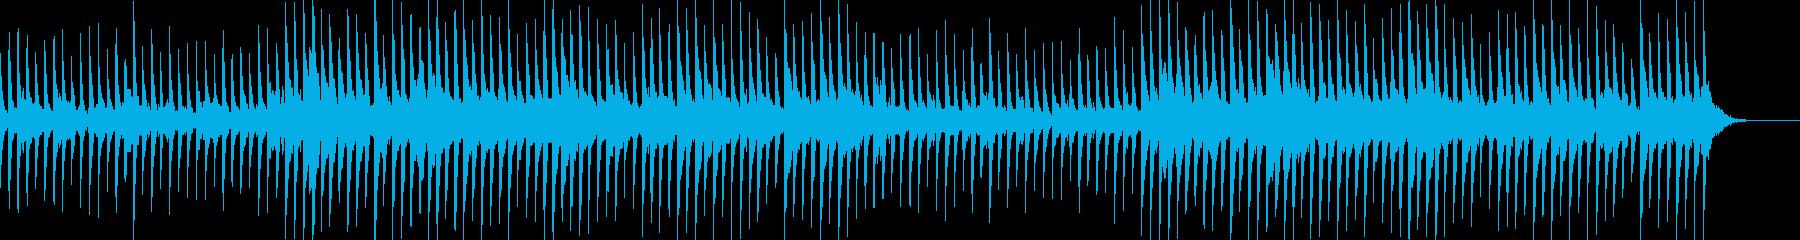 静かな恐怖・催眠・幻想的な場面等 ピアノの再生済みの波形